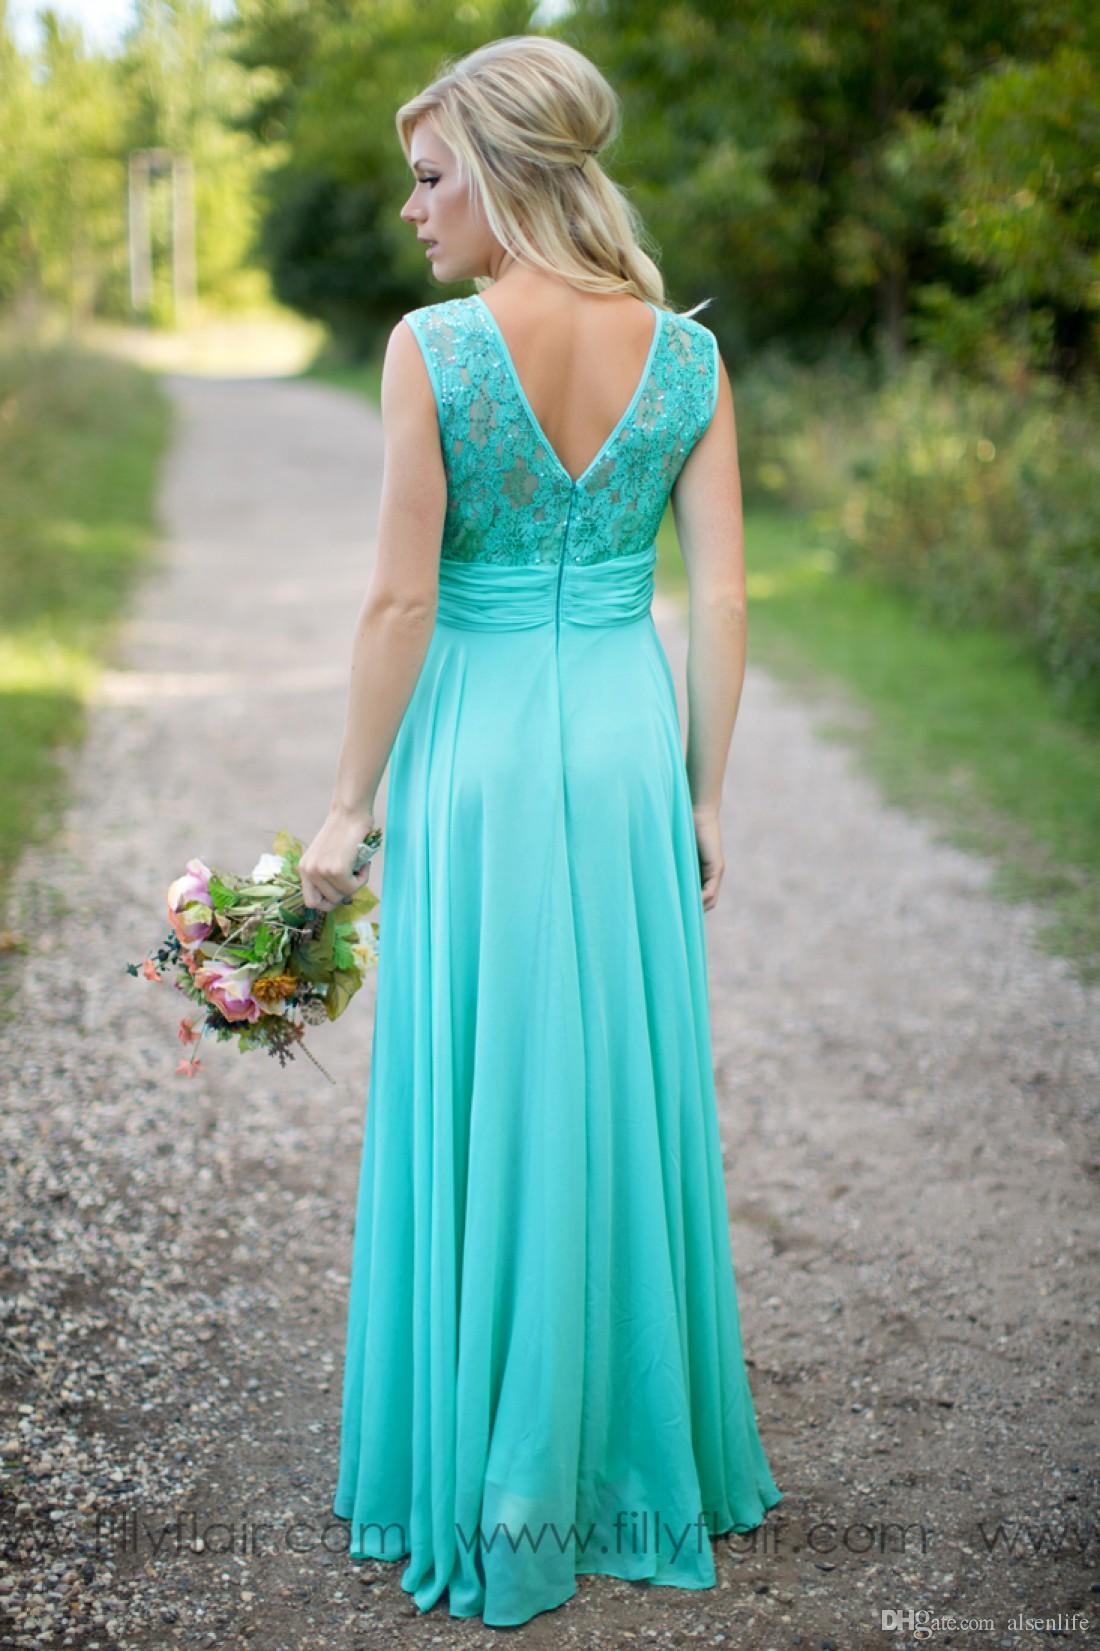 Бирюзовый Bridesmaids платья Sheer Jewel Шея Кружева Top шифон длинное Страна невесты горничной честь гостей свадьбы платья